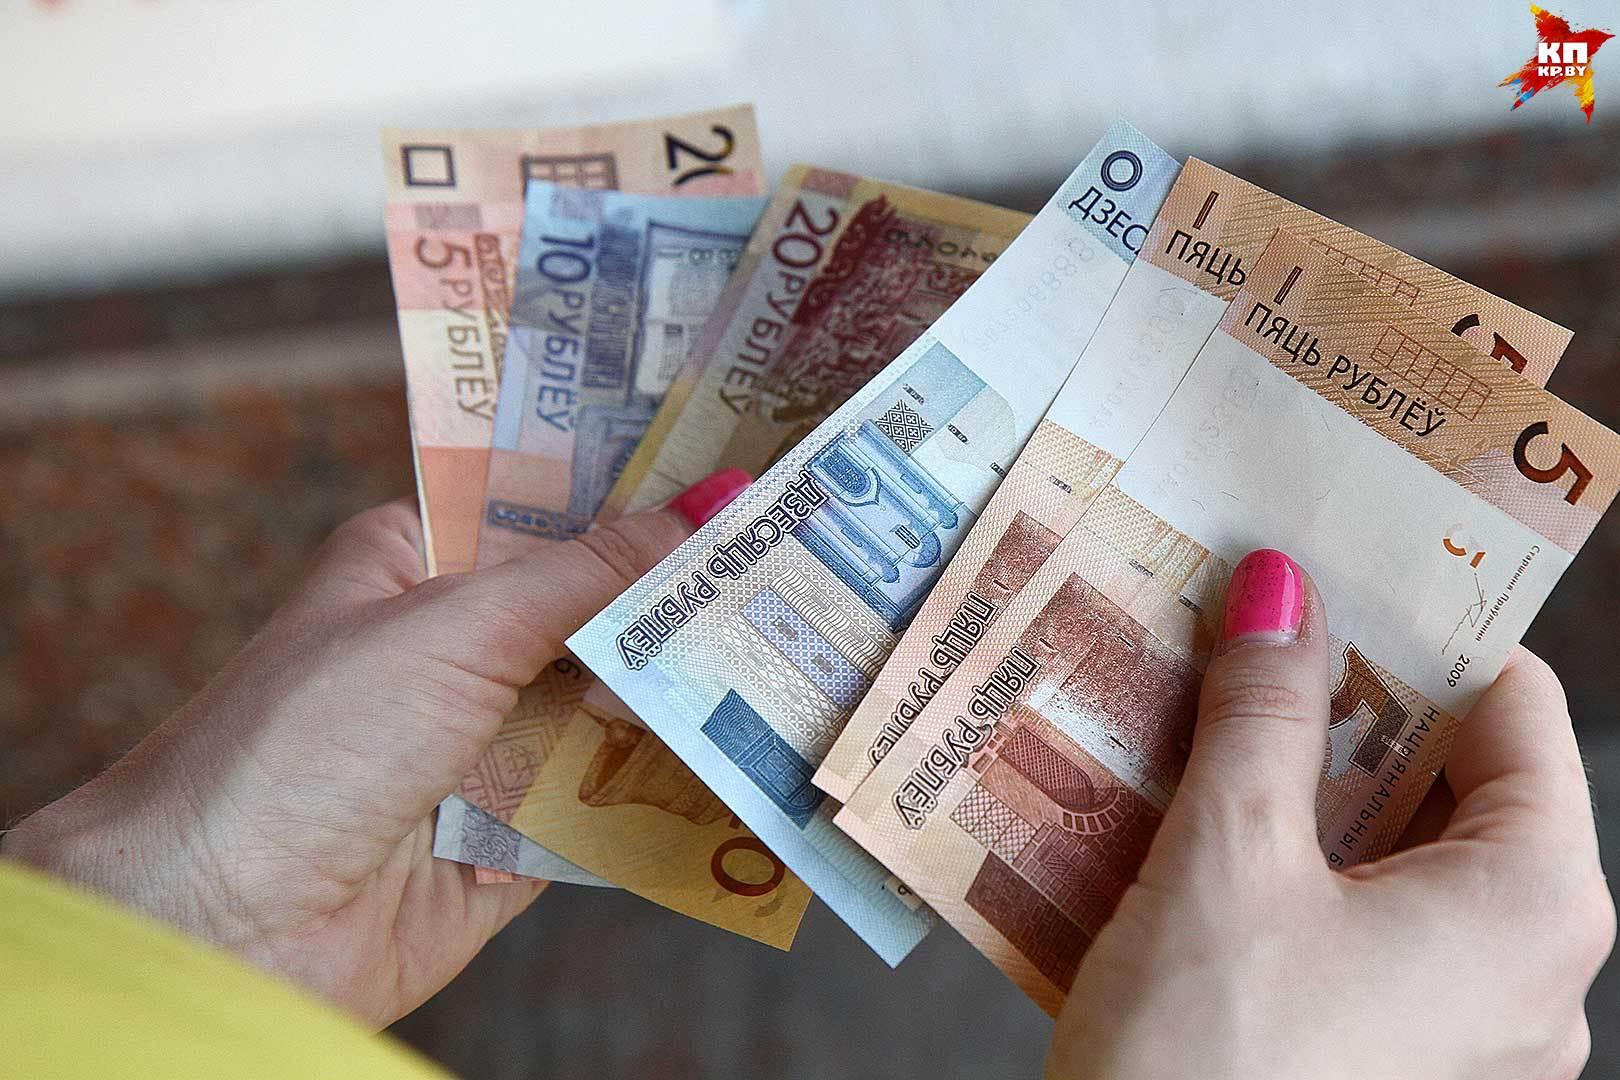 Доллар наторгах 17января упал вцене, евро и русский руб. подорожали